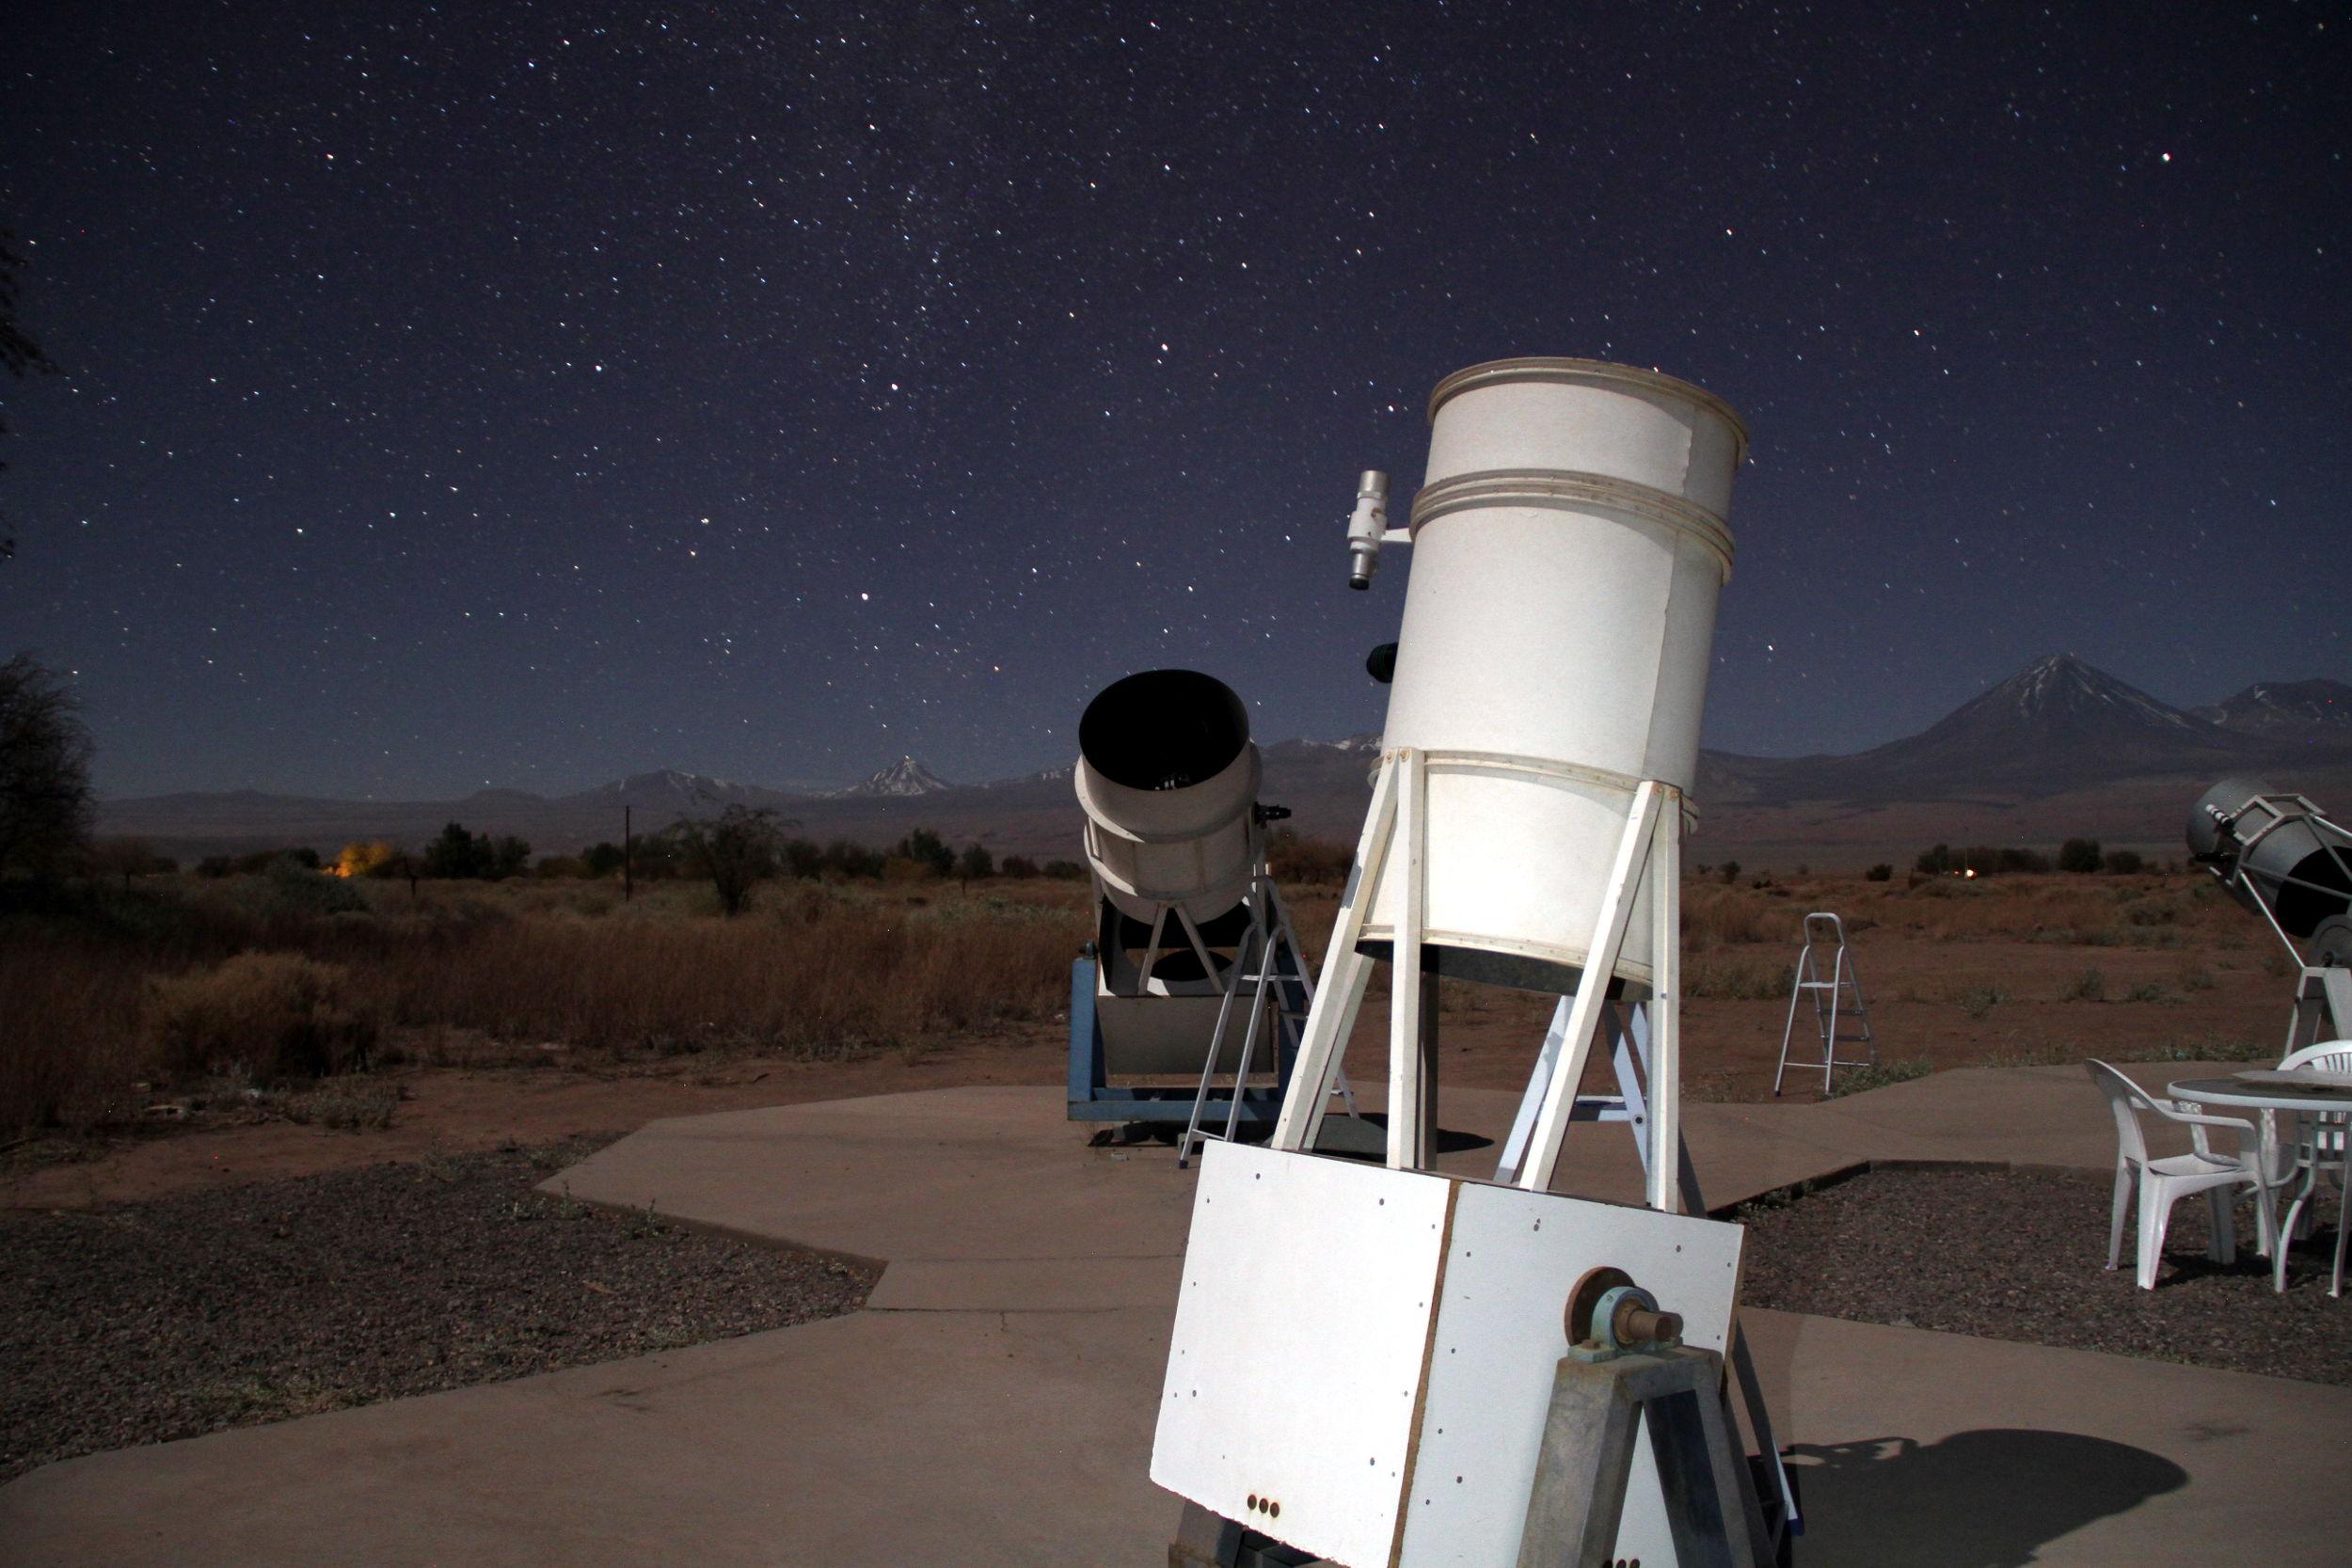 Vista da área de observação astronômica no Atacama, no norte do Chile (foto: Eduardo Vessoni)